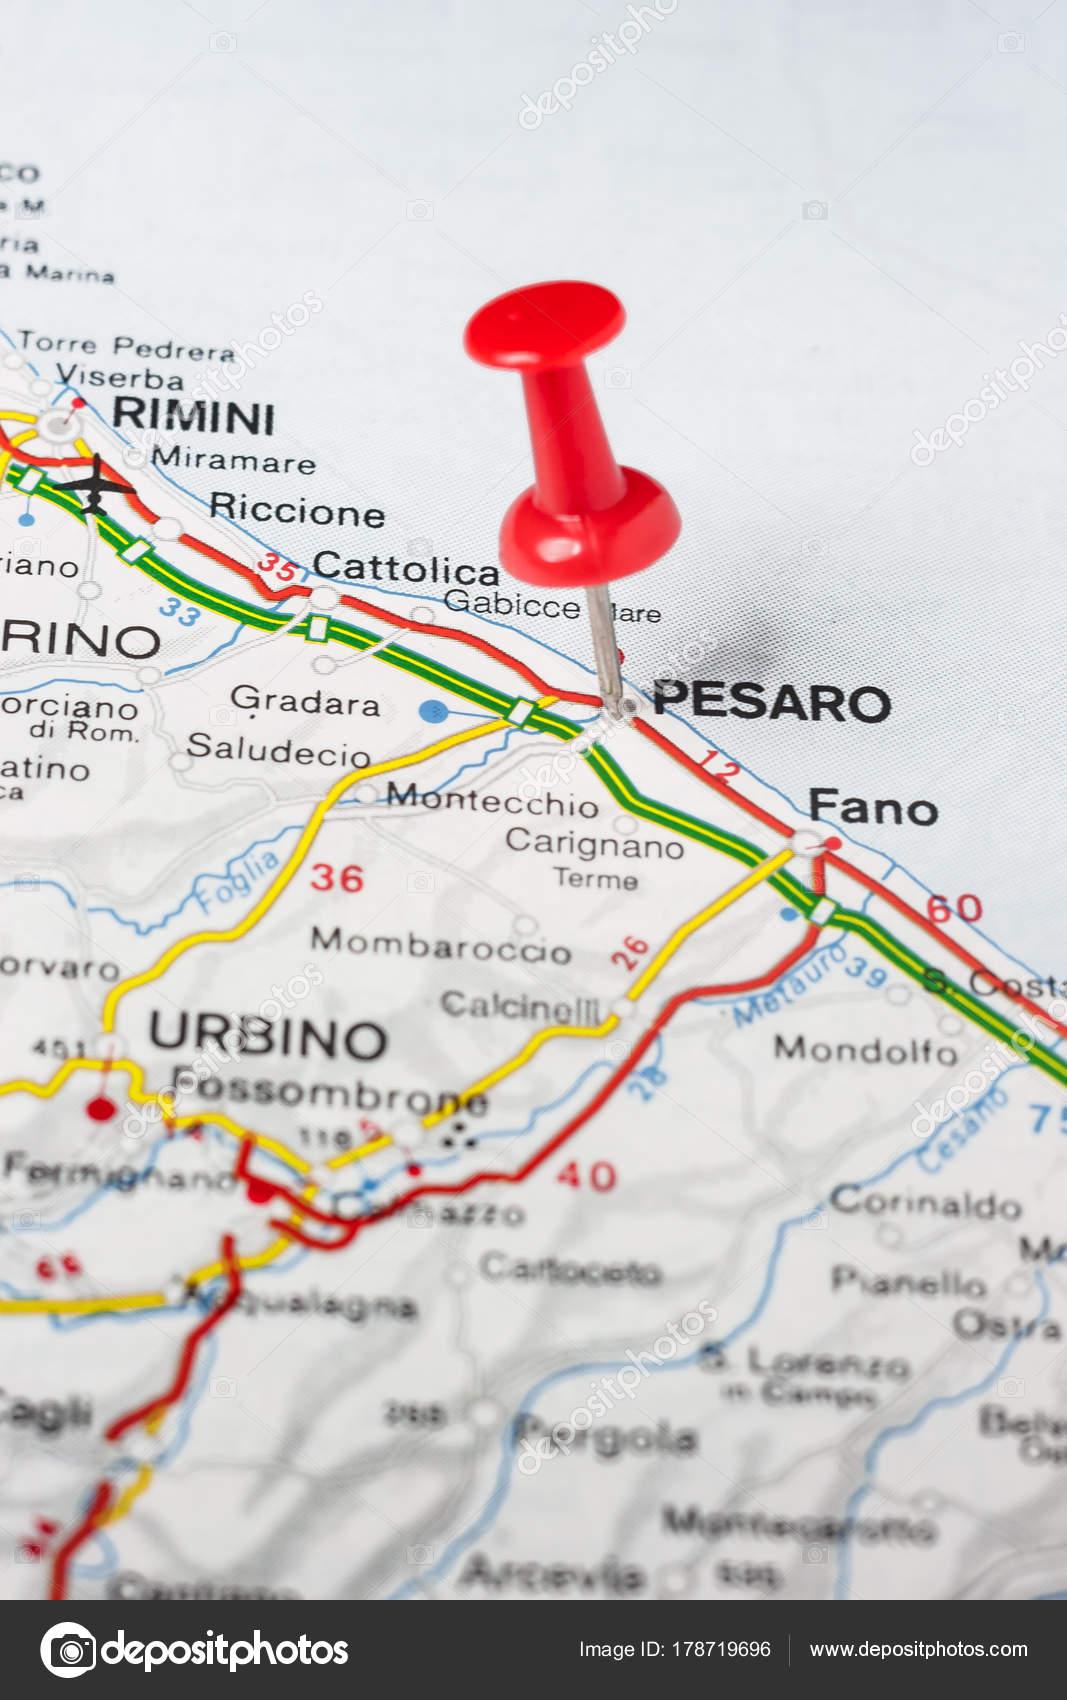 Carte Italie Pesaro.Pesaro A Effectue Le Tombe Sur Une Carte De L Italie